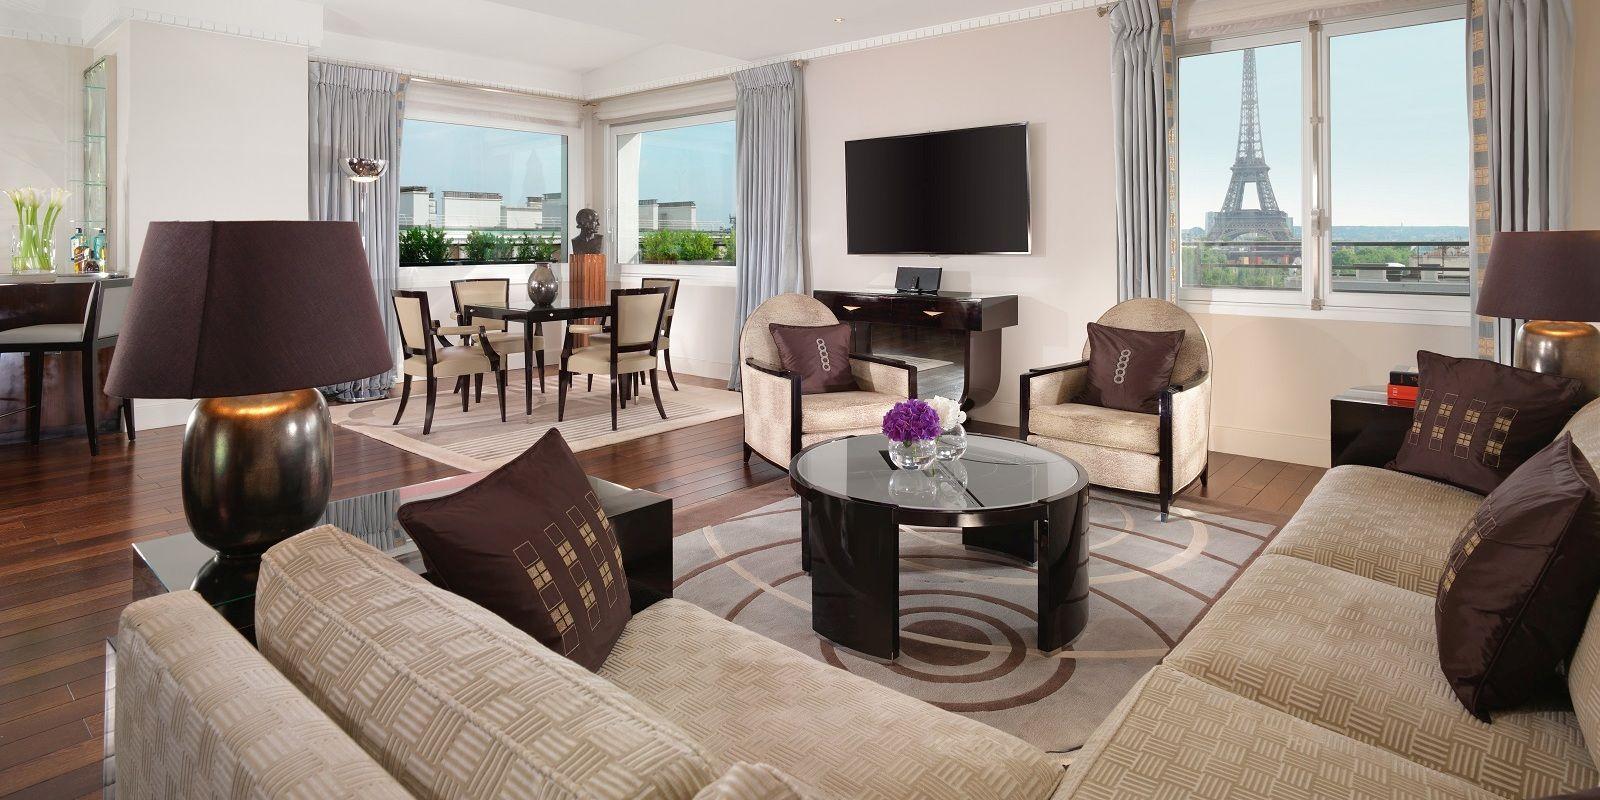 Chambres et suites | Hotel Plaza Athenee Paris | Dorchester ...